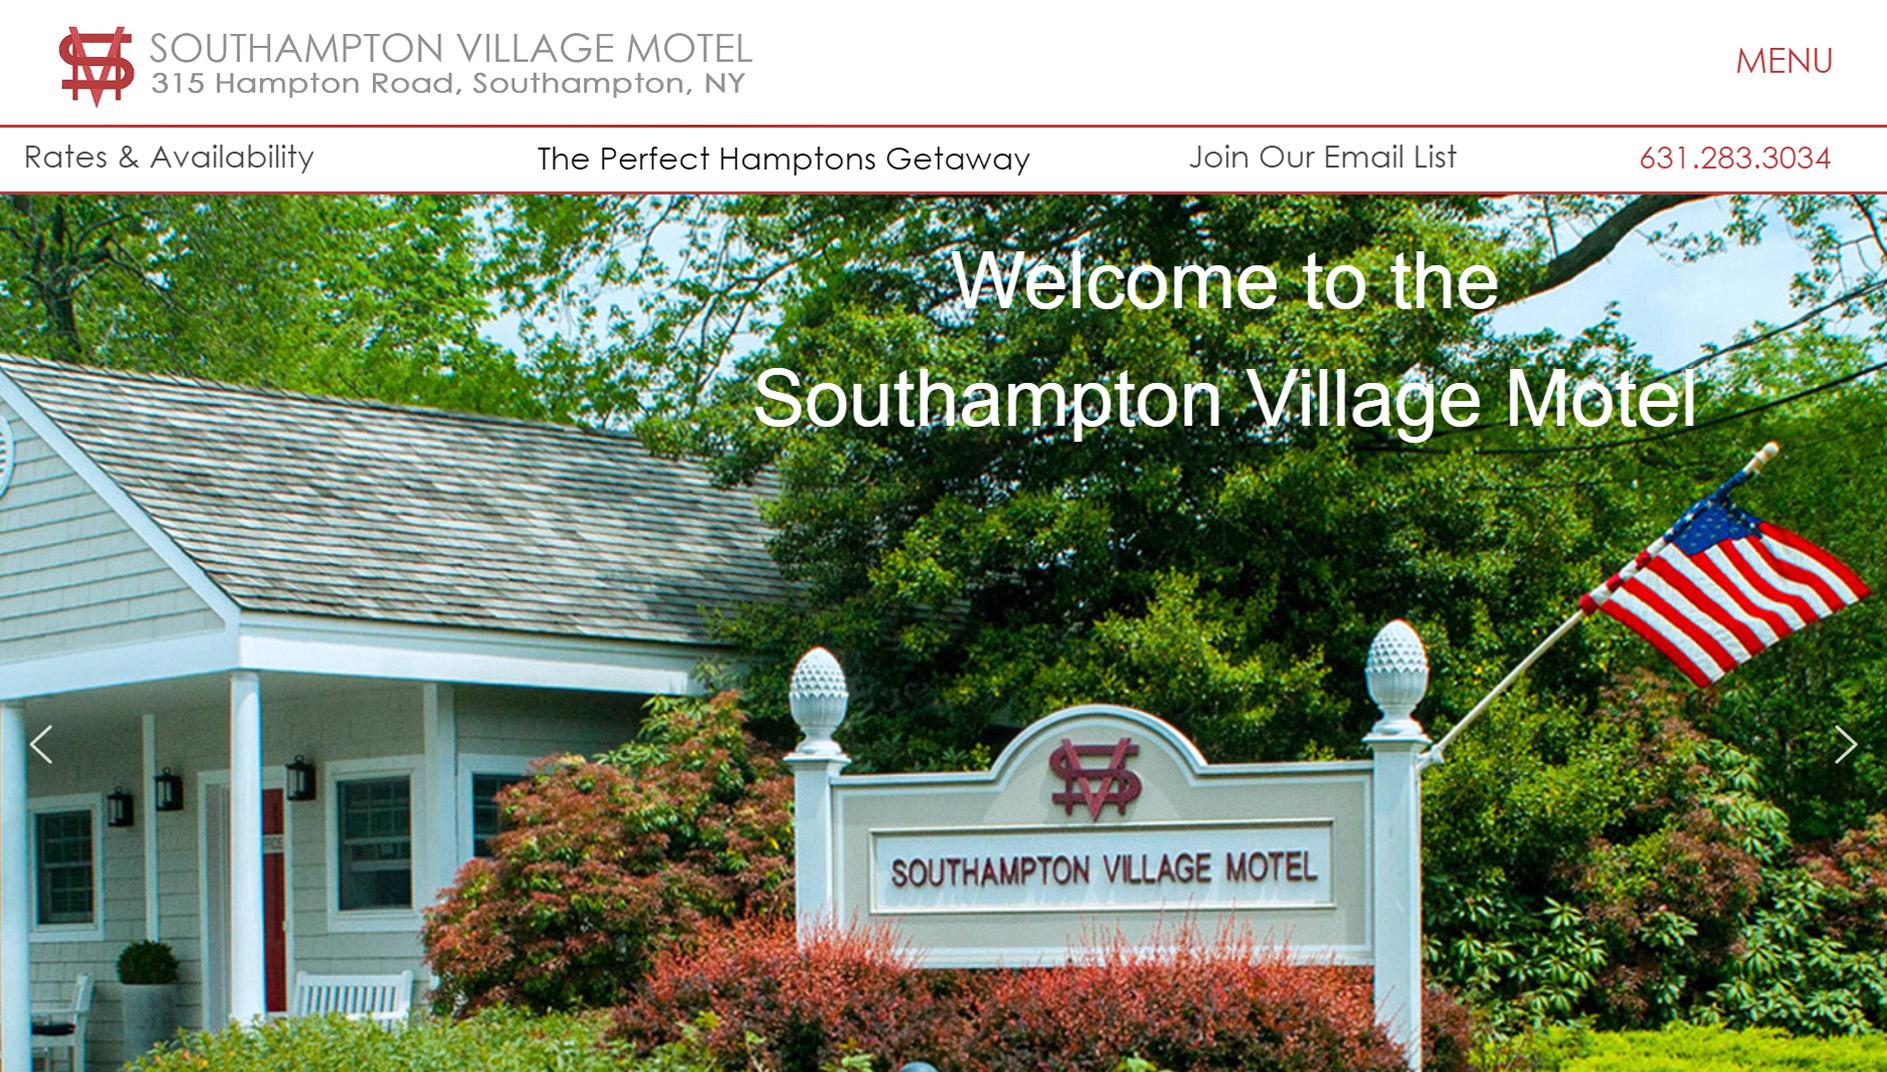 southampton_village_motel